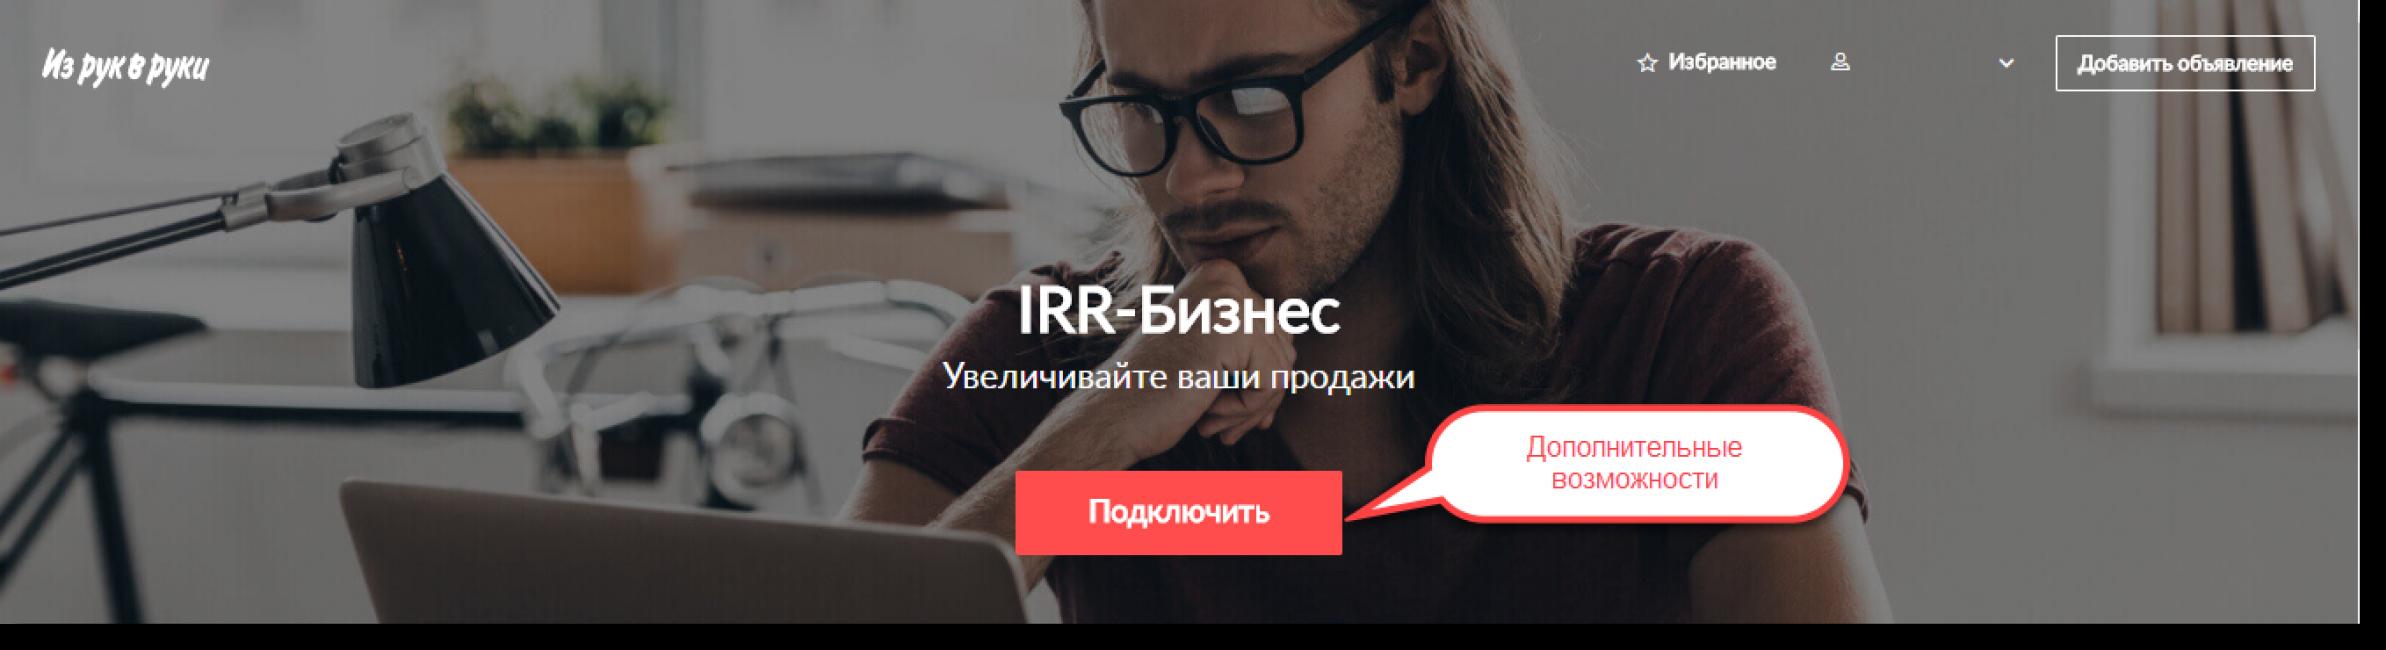 IRR-Бизнес